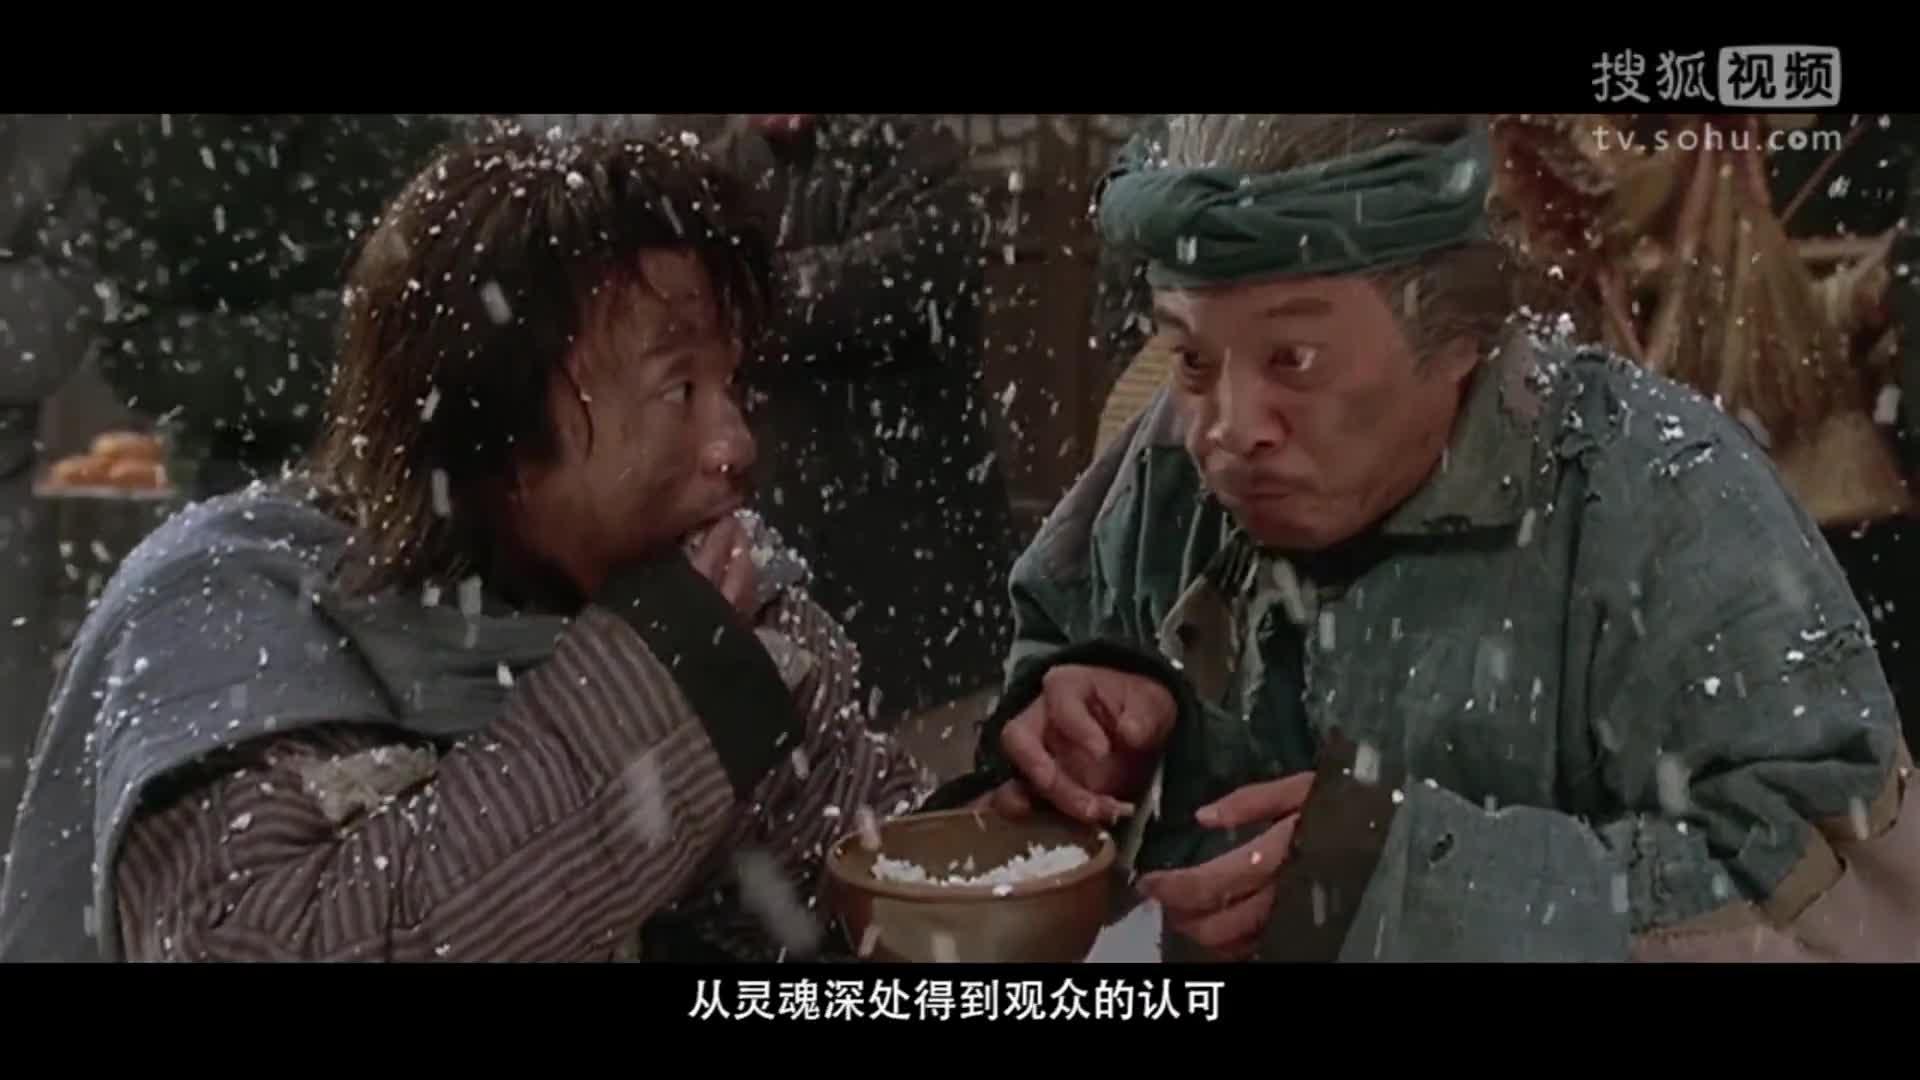 【23】传奇电影吴孟达的时代黄金配角娜娜剧情2电影全部介绍图片